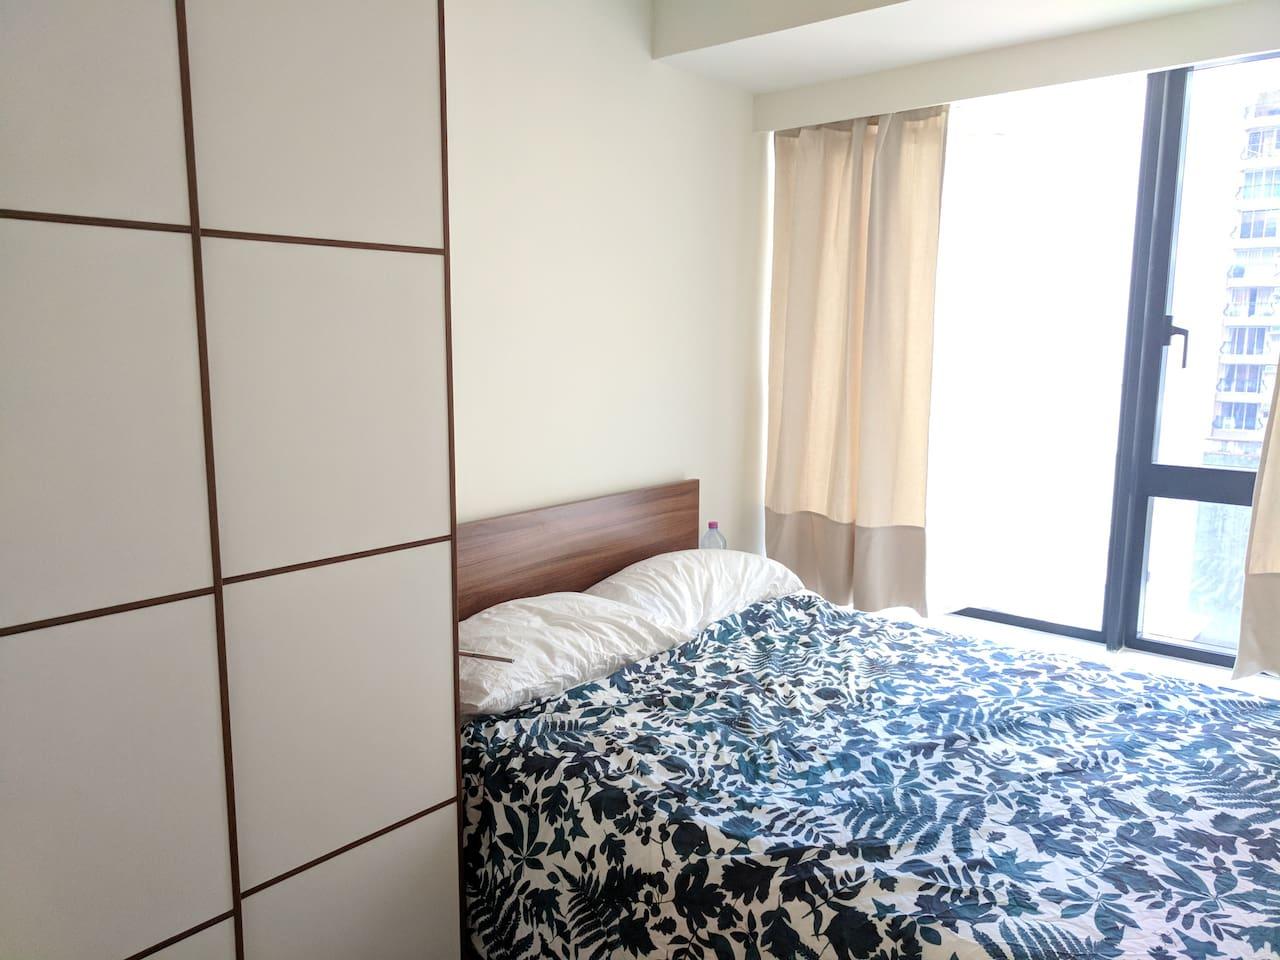 Bedroom includes a wardrobe